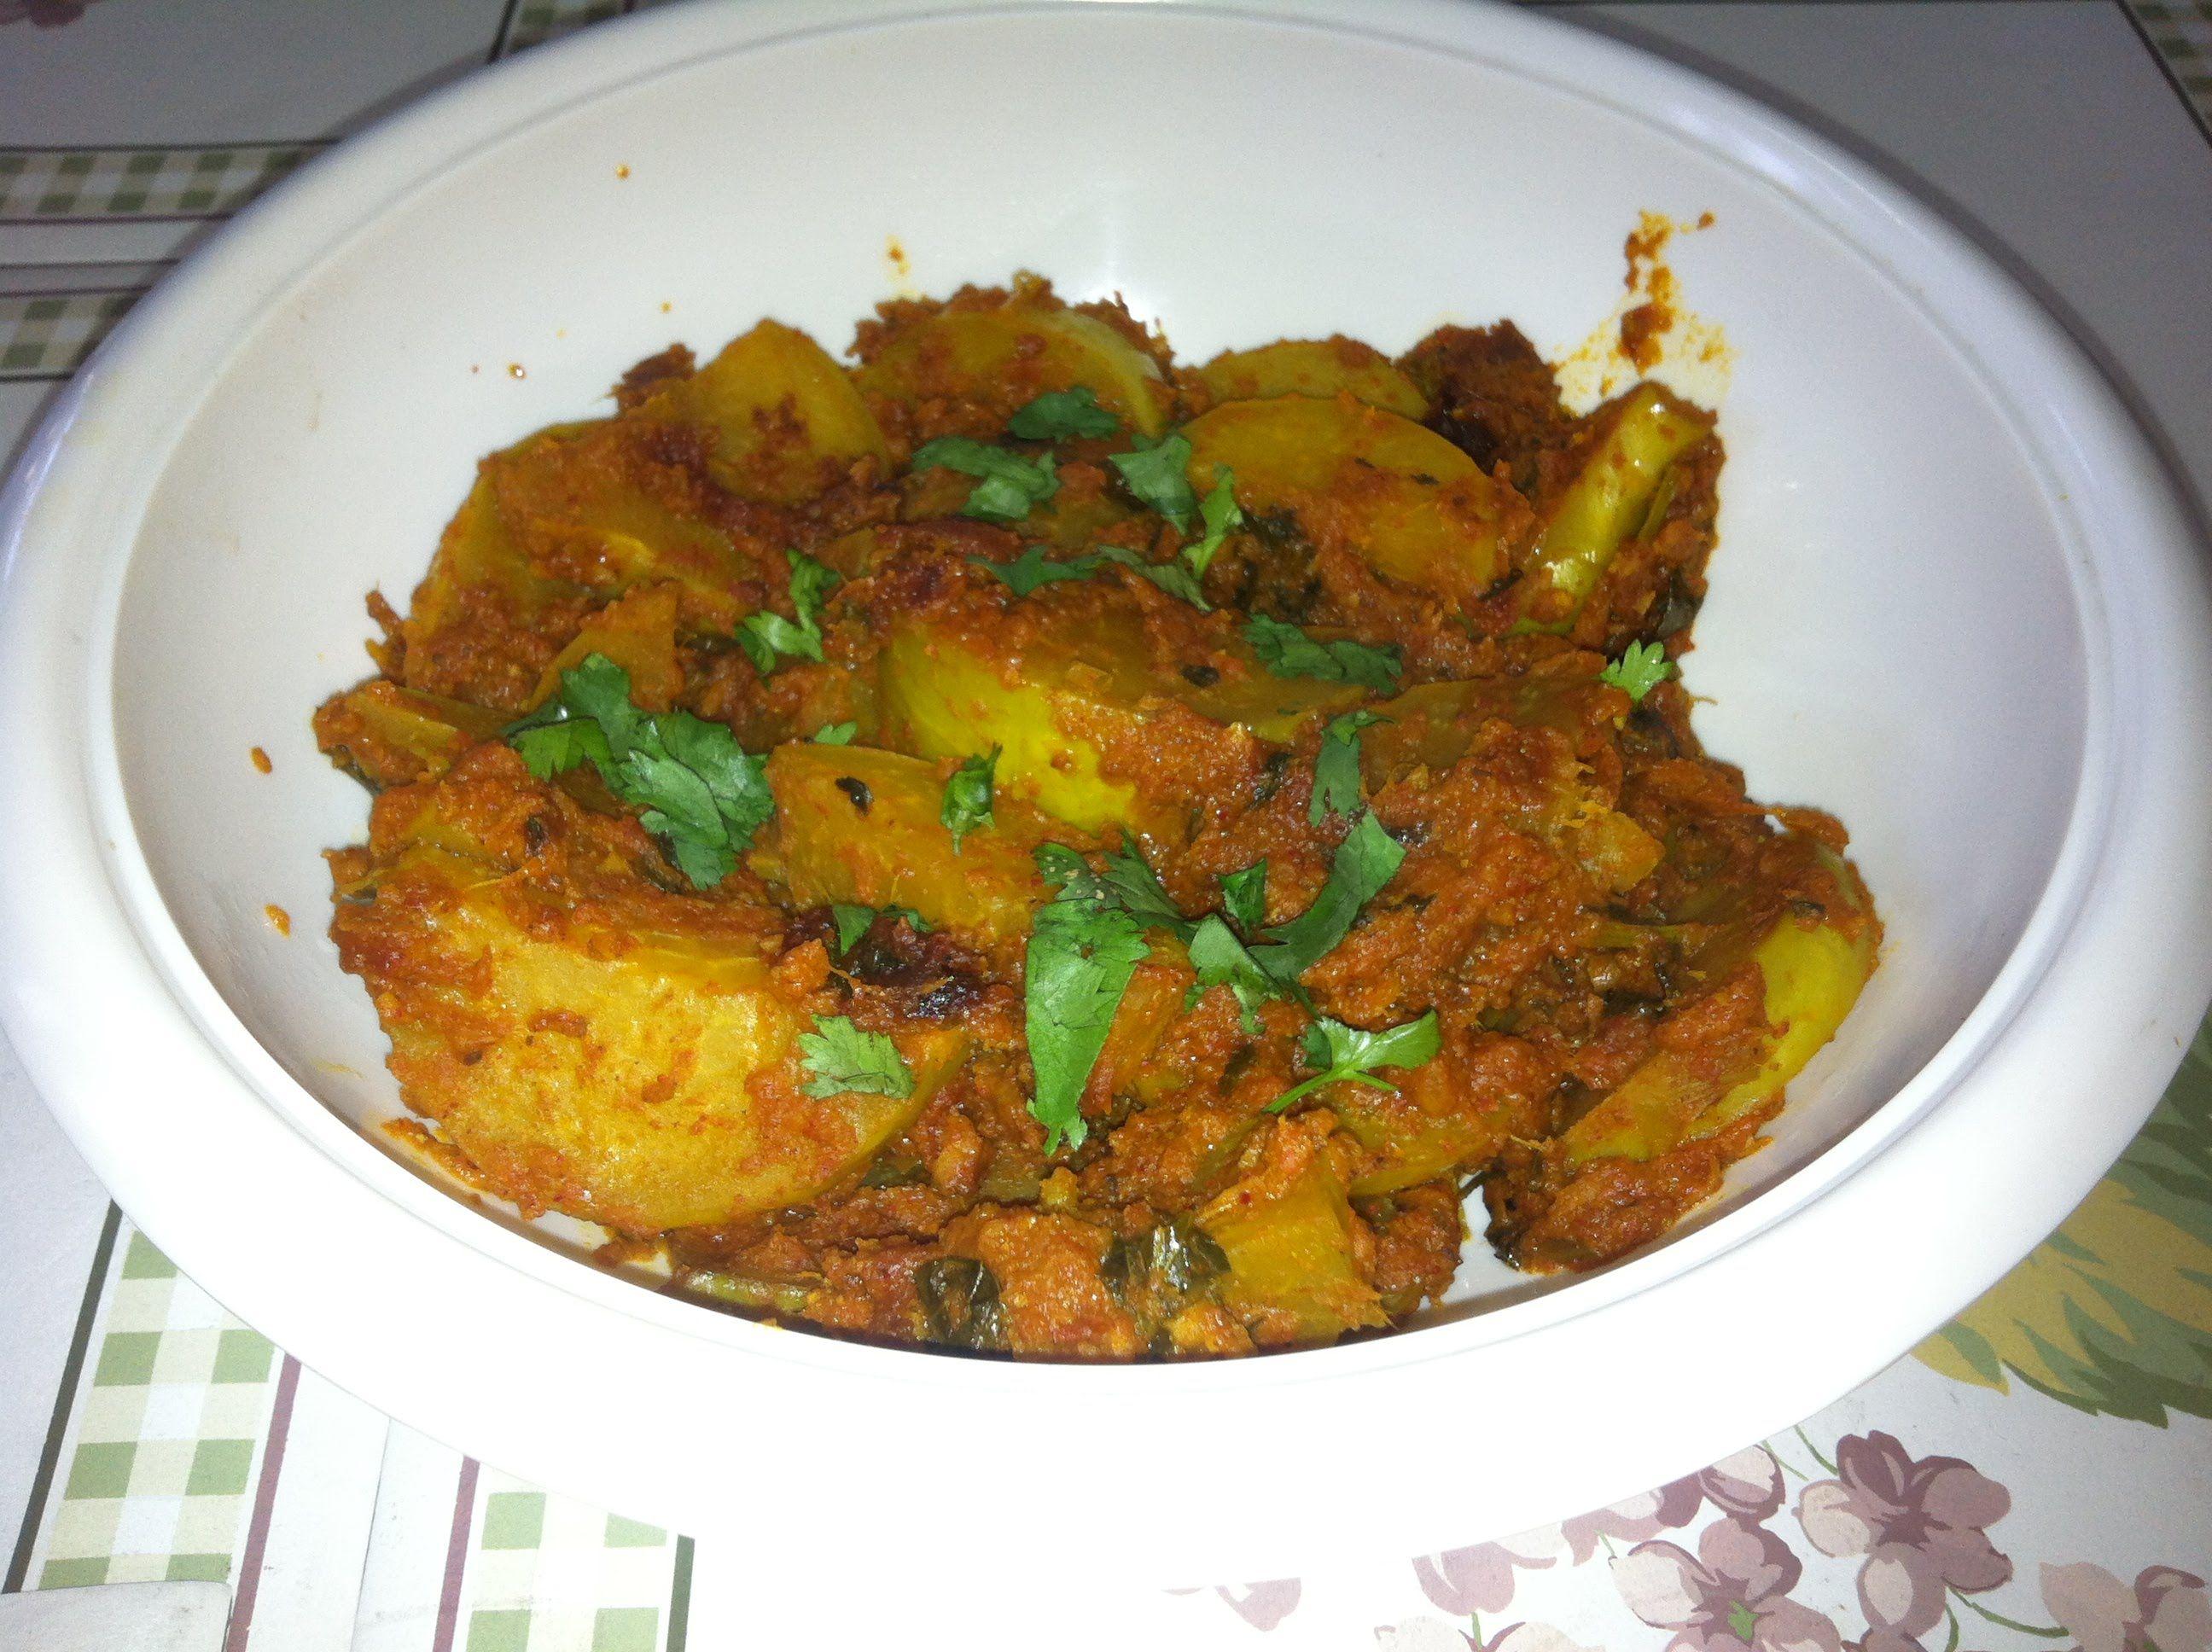 Punjabi ganth gobhi sabzi knol khol kohlrabi vegetable recipe in punjabi ganth gobhi sabzi knol khol kohlrabi vegetable recipe in hin forumfinder Images